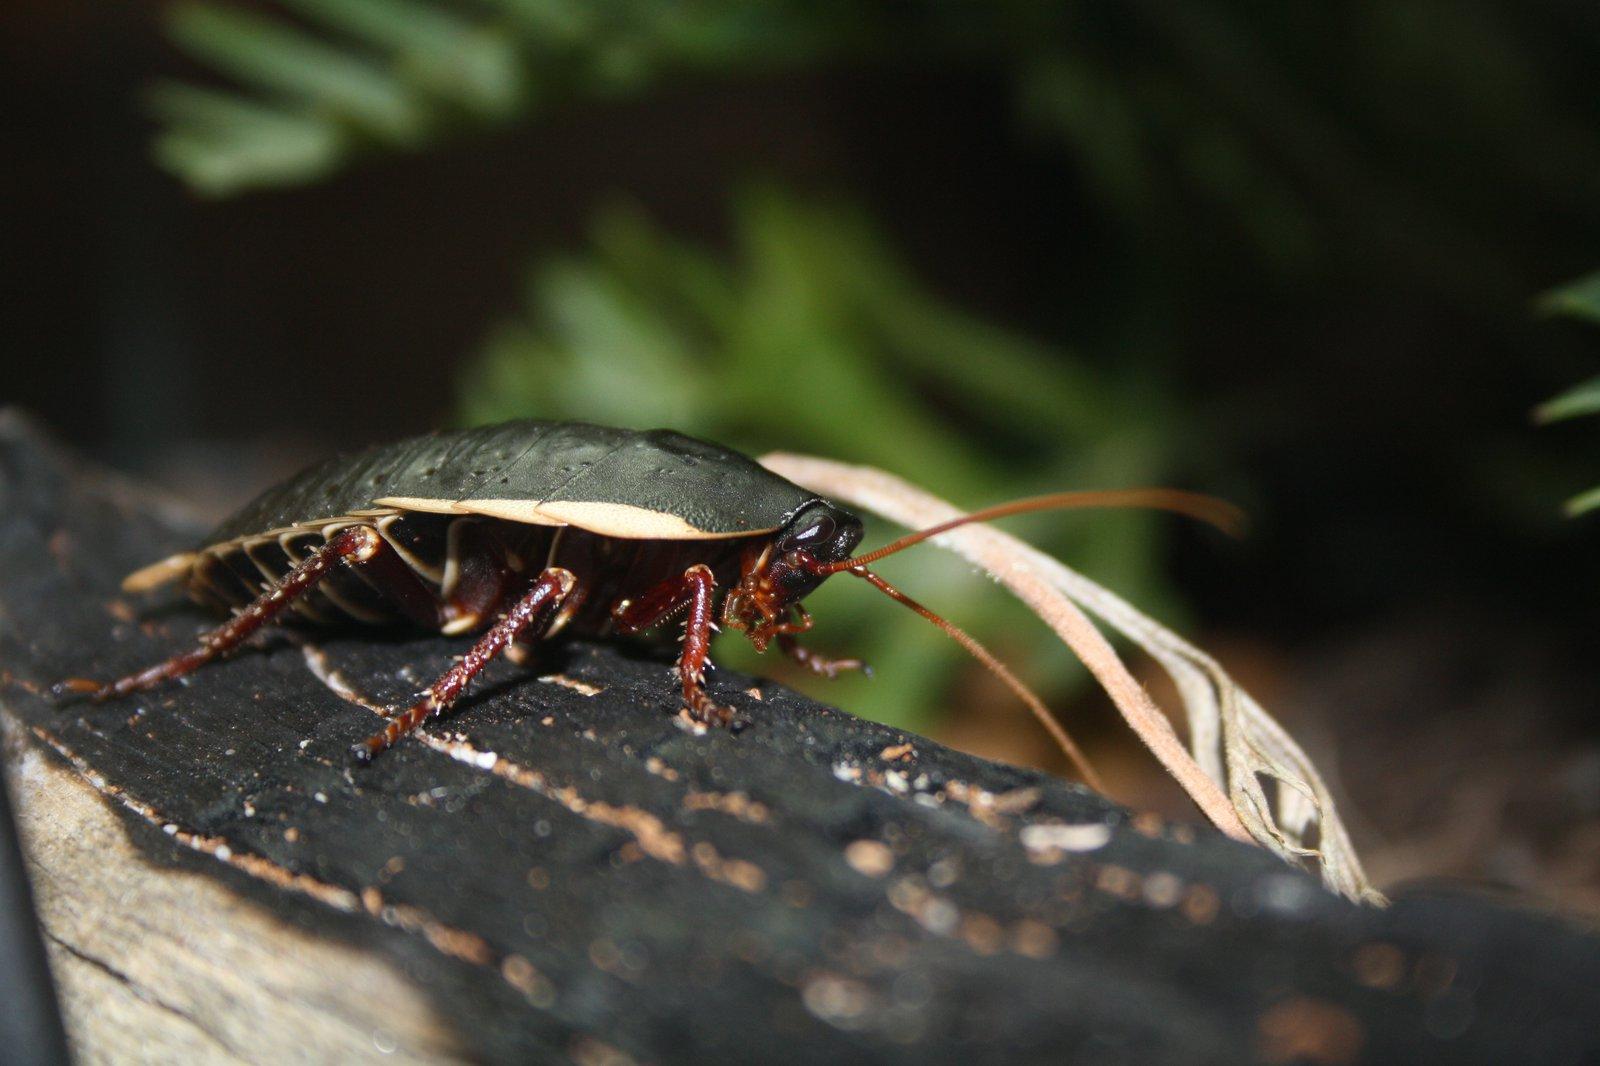 Botany Bay Cockroach, Polyzosteria limbata.